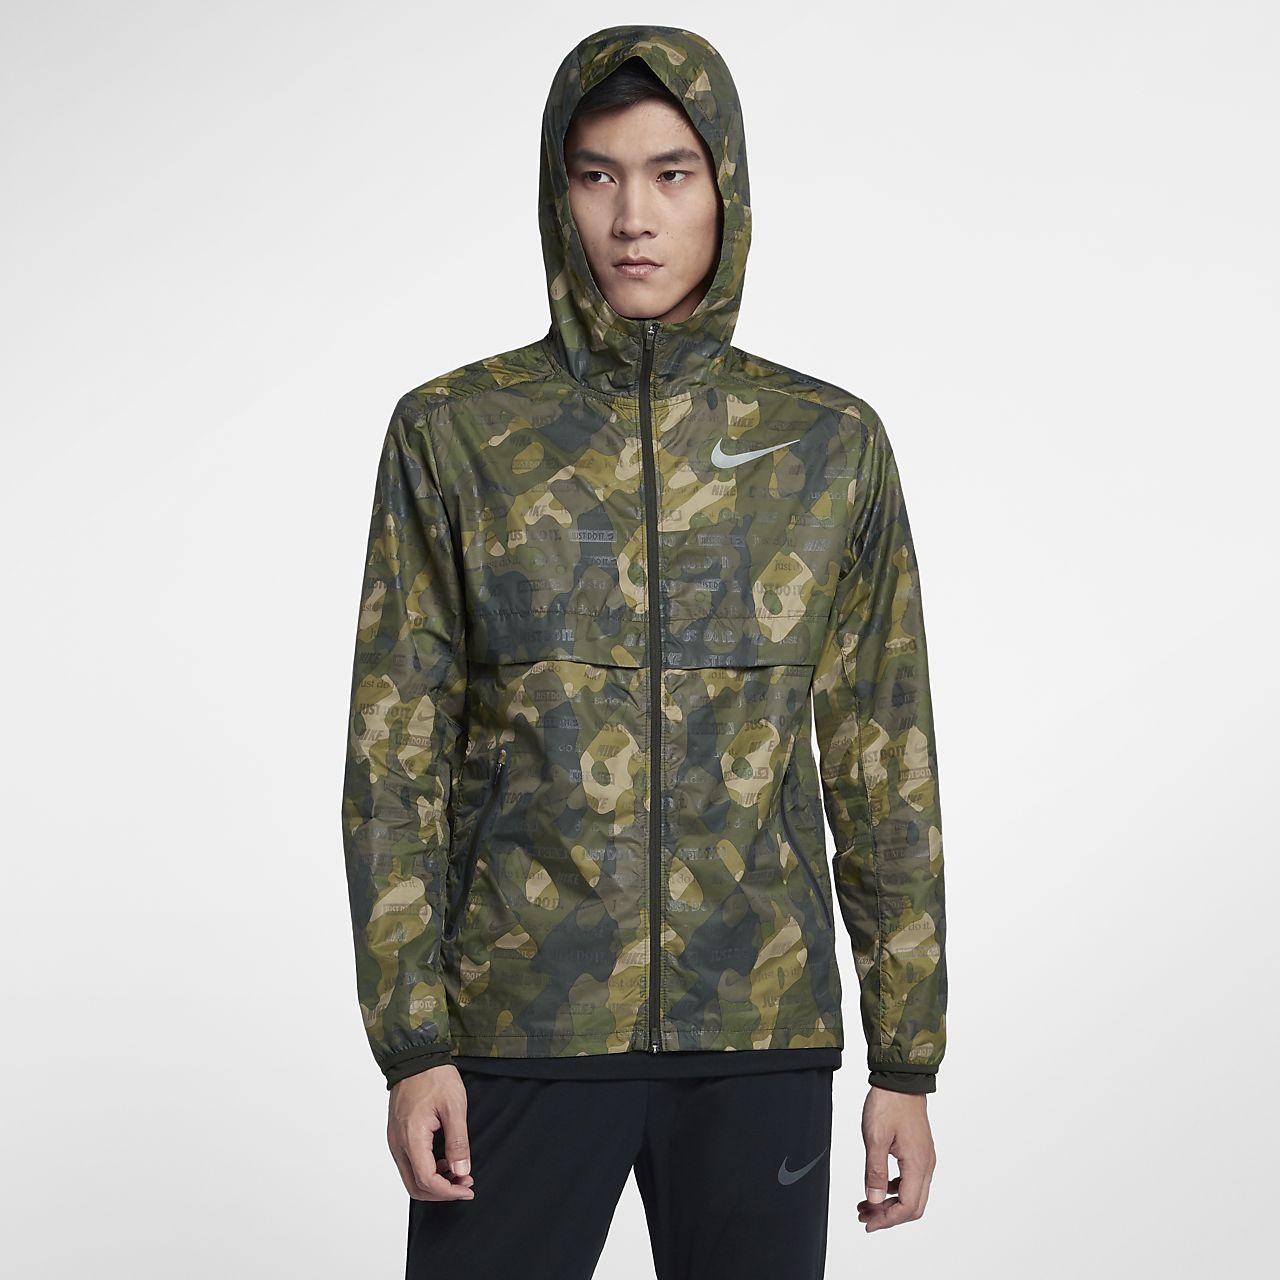 Мужская беговая куртка Nike Shield Ghost Flash